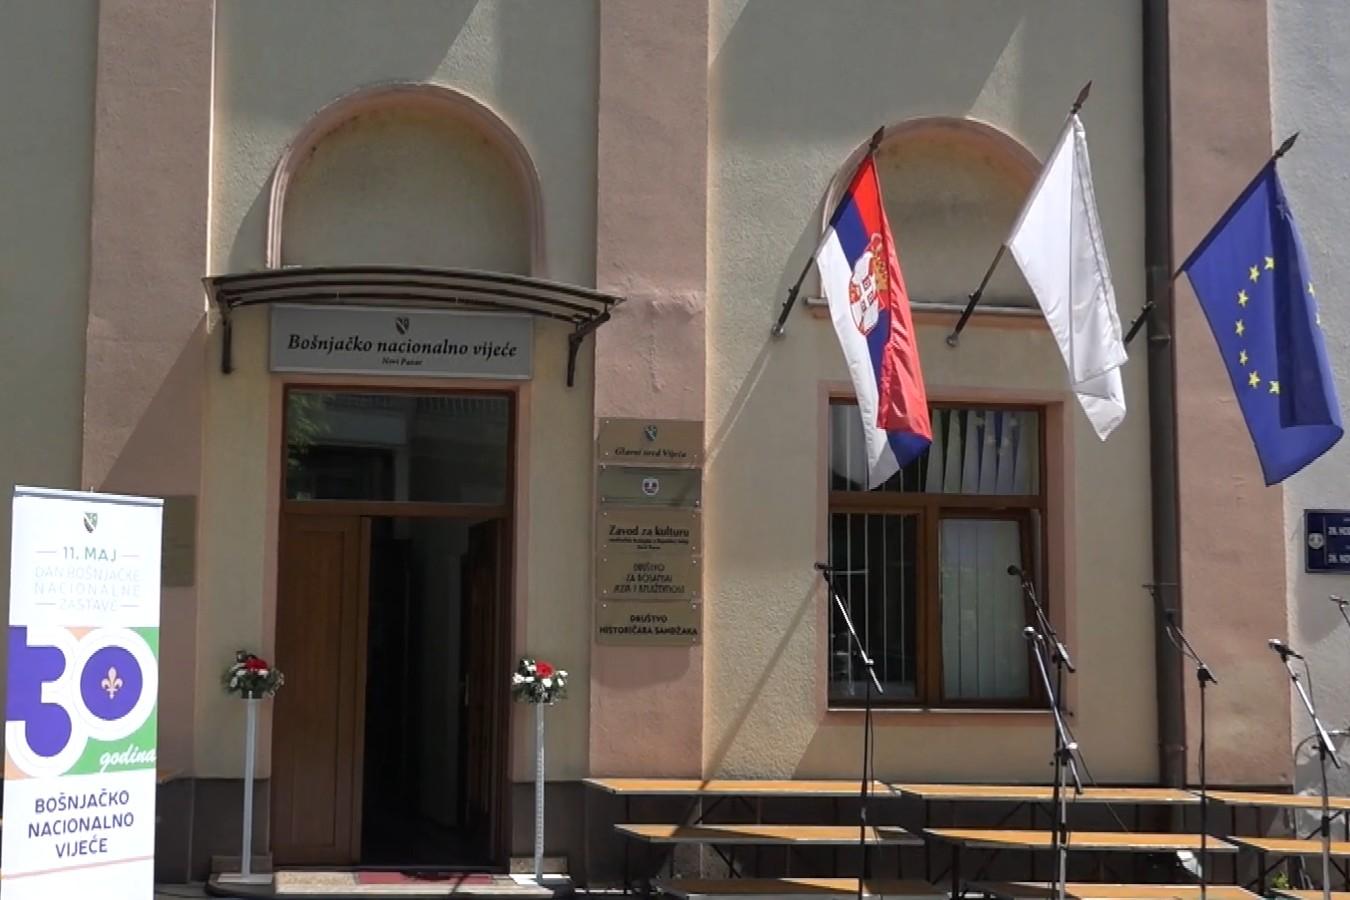 Ulaz u zgradu Bošnjačkog nacionalnog vijeća u Novom Pazaru (Foto: Snimak ekrana/Jutjub/Bošnjačko nacionalno vijeće)